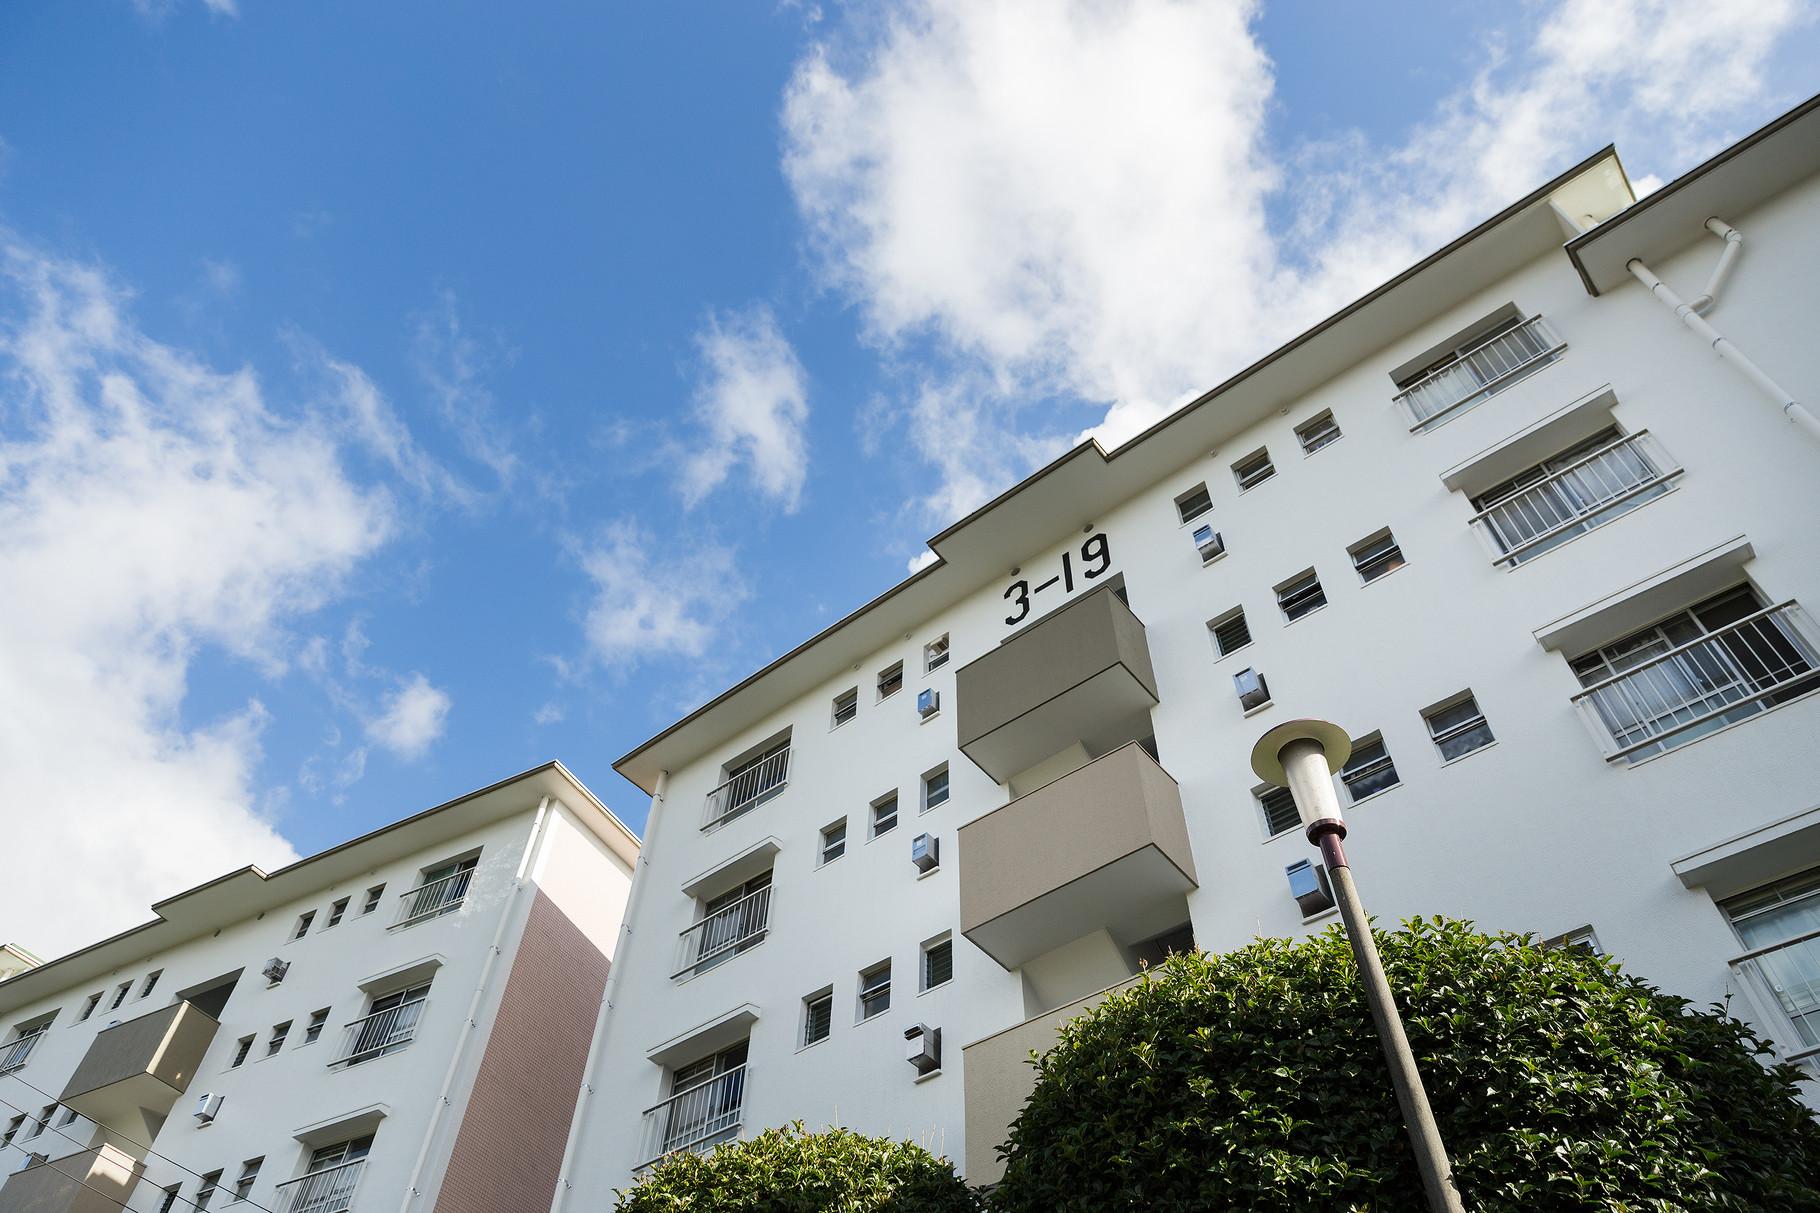 横浜に私たちの団地モデルルームがあります。